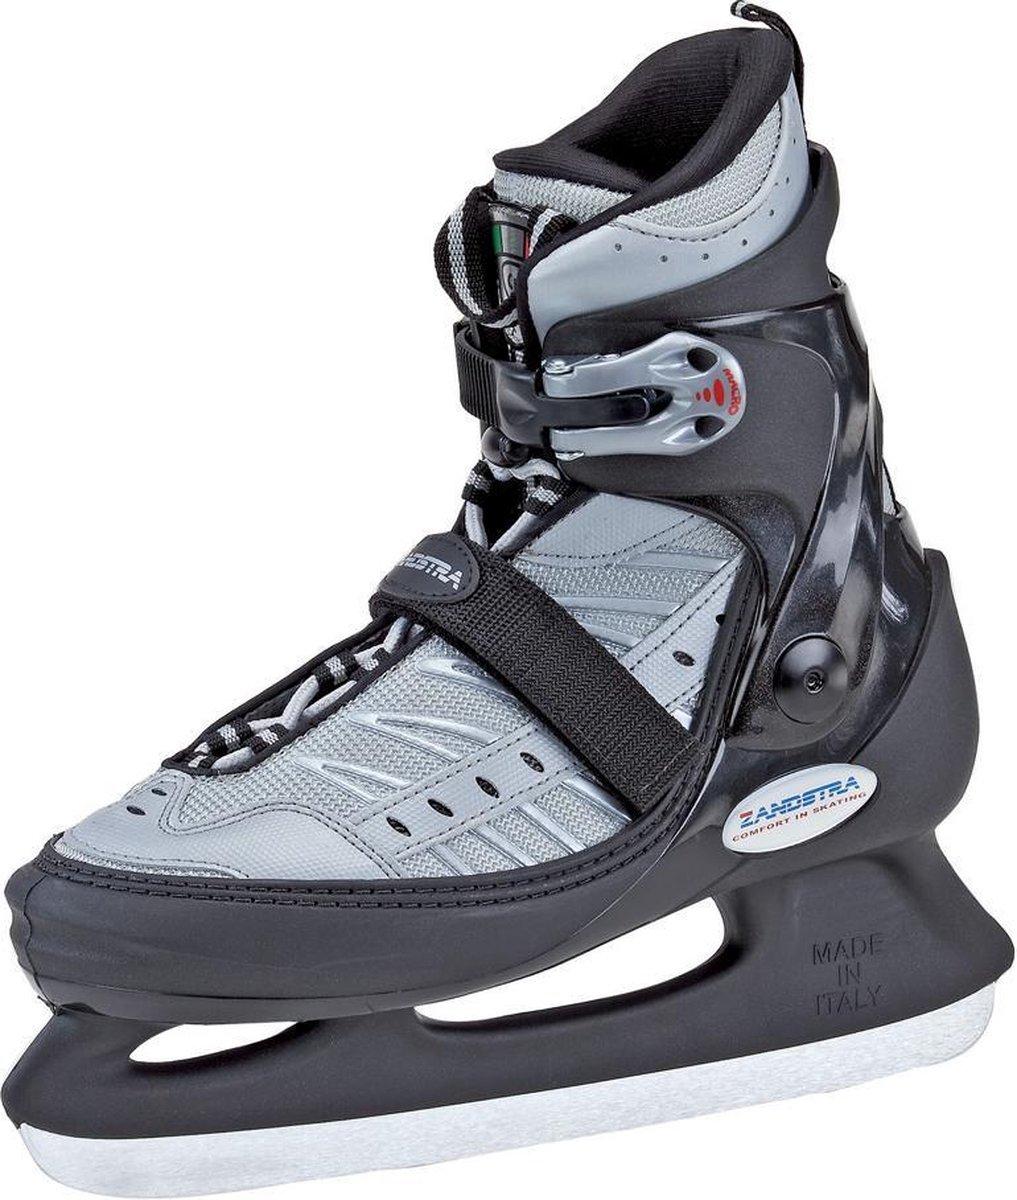 Zandstra Quebec - IJshockeyschaats - maat 42